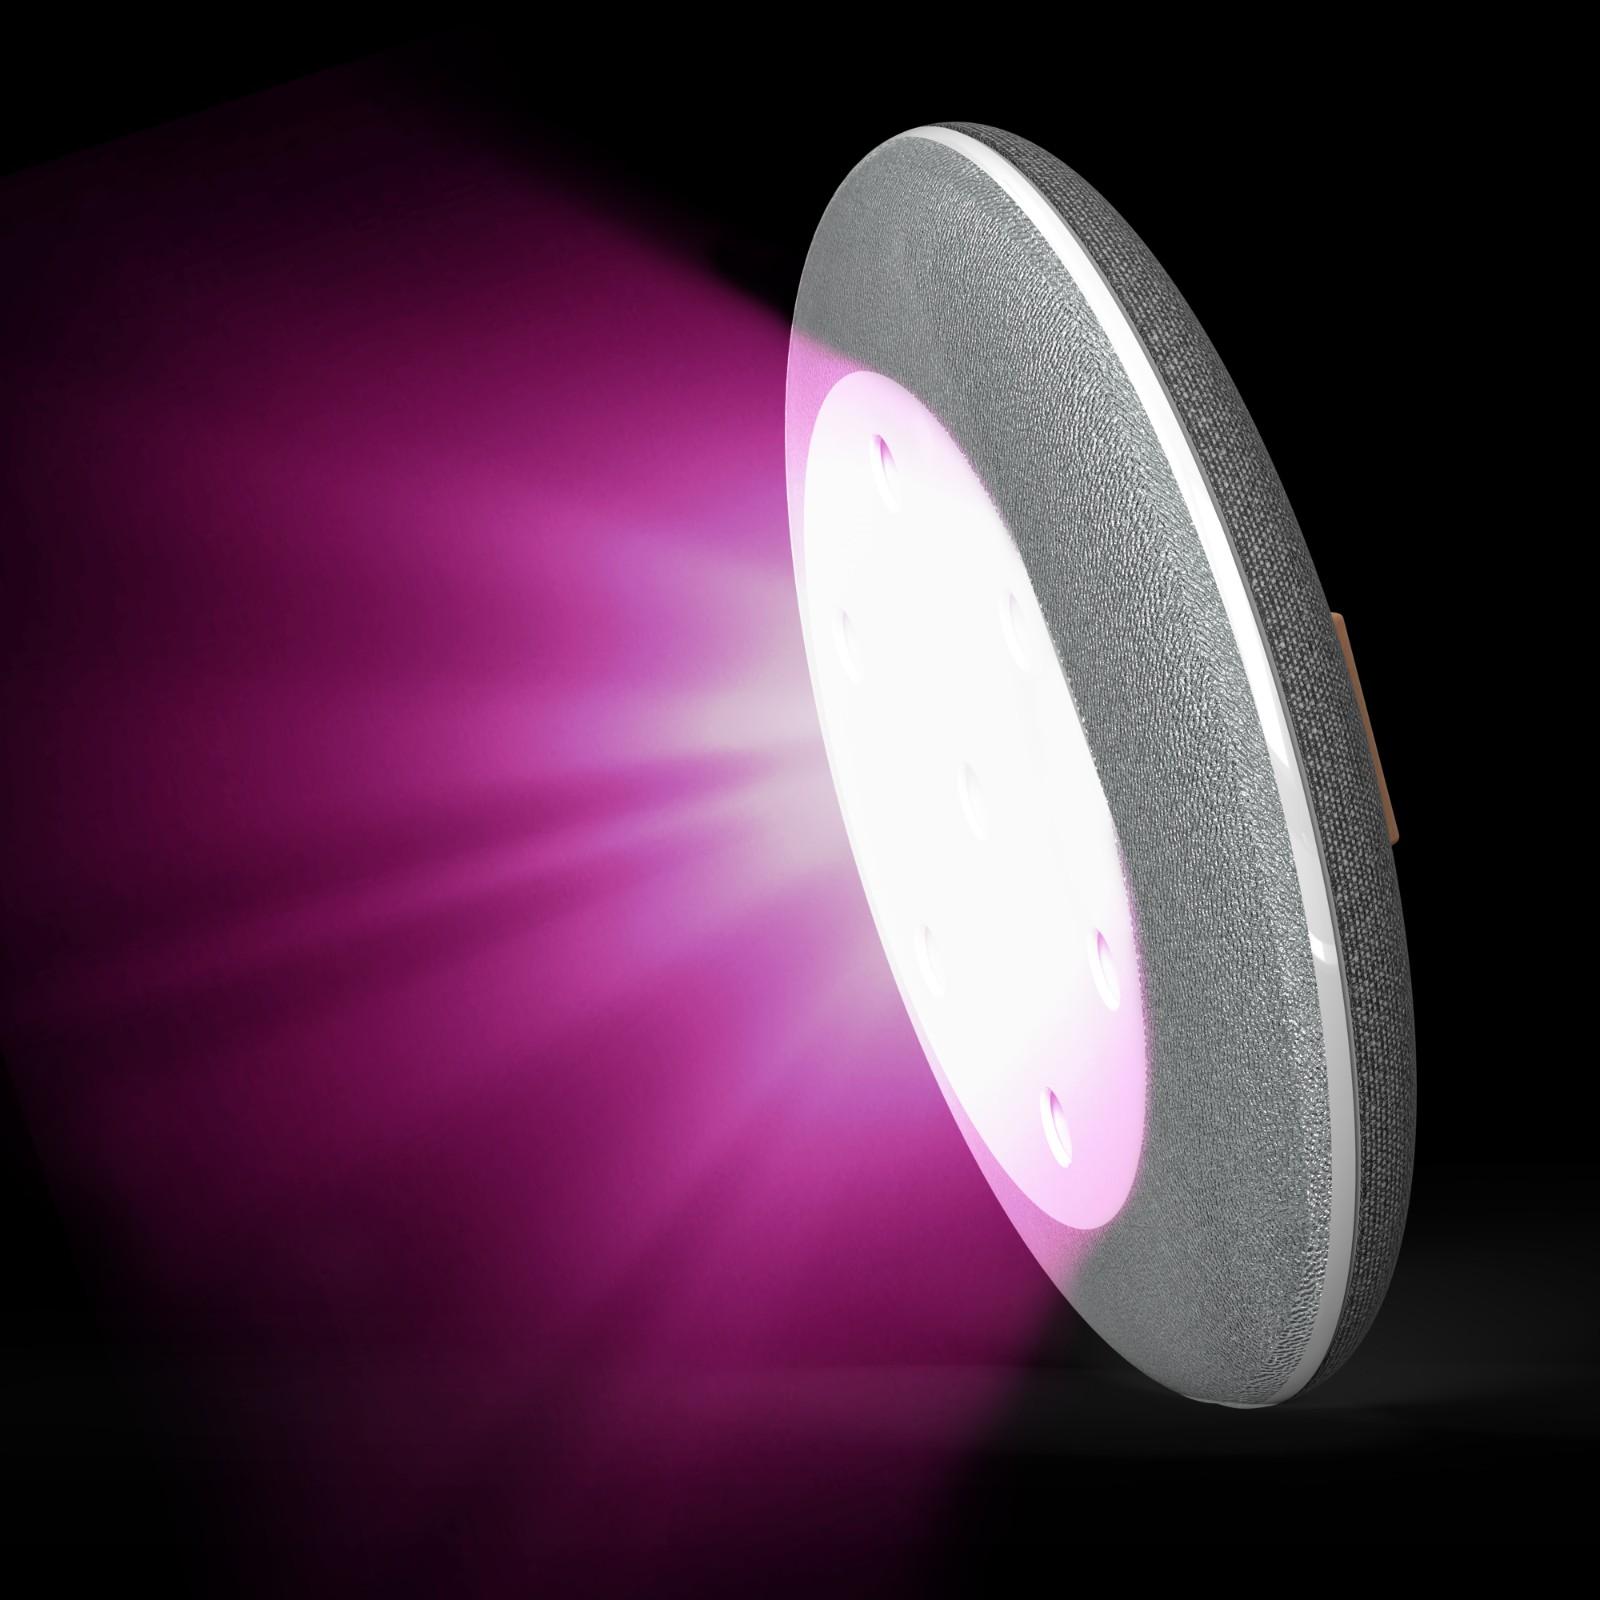 19秒净趣便携深紫外UV LED杀菌棒碗筷消毒机碗碟除菌器 公共场合7灯珠快速紫光灭菌棒水杯子消毒器